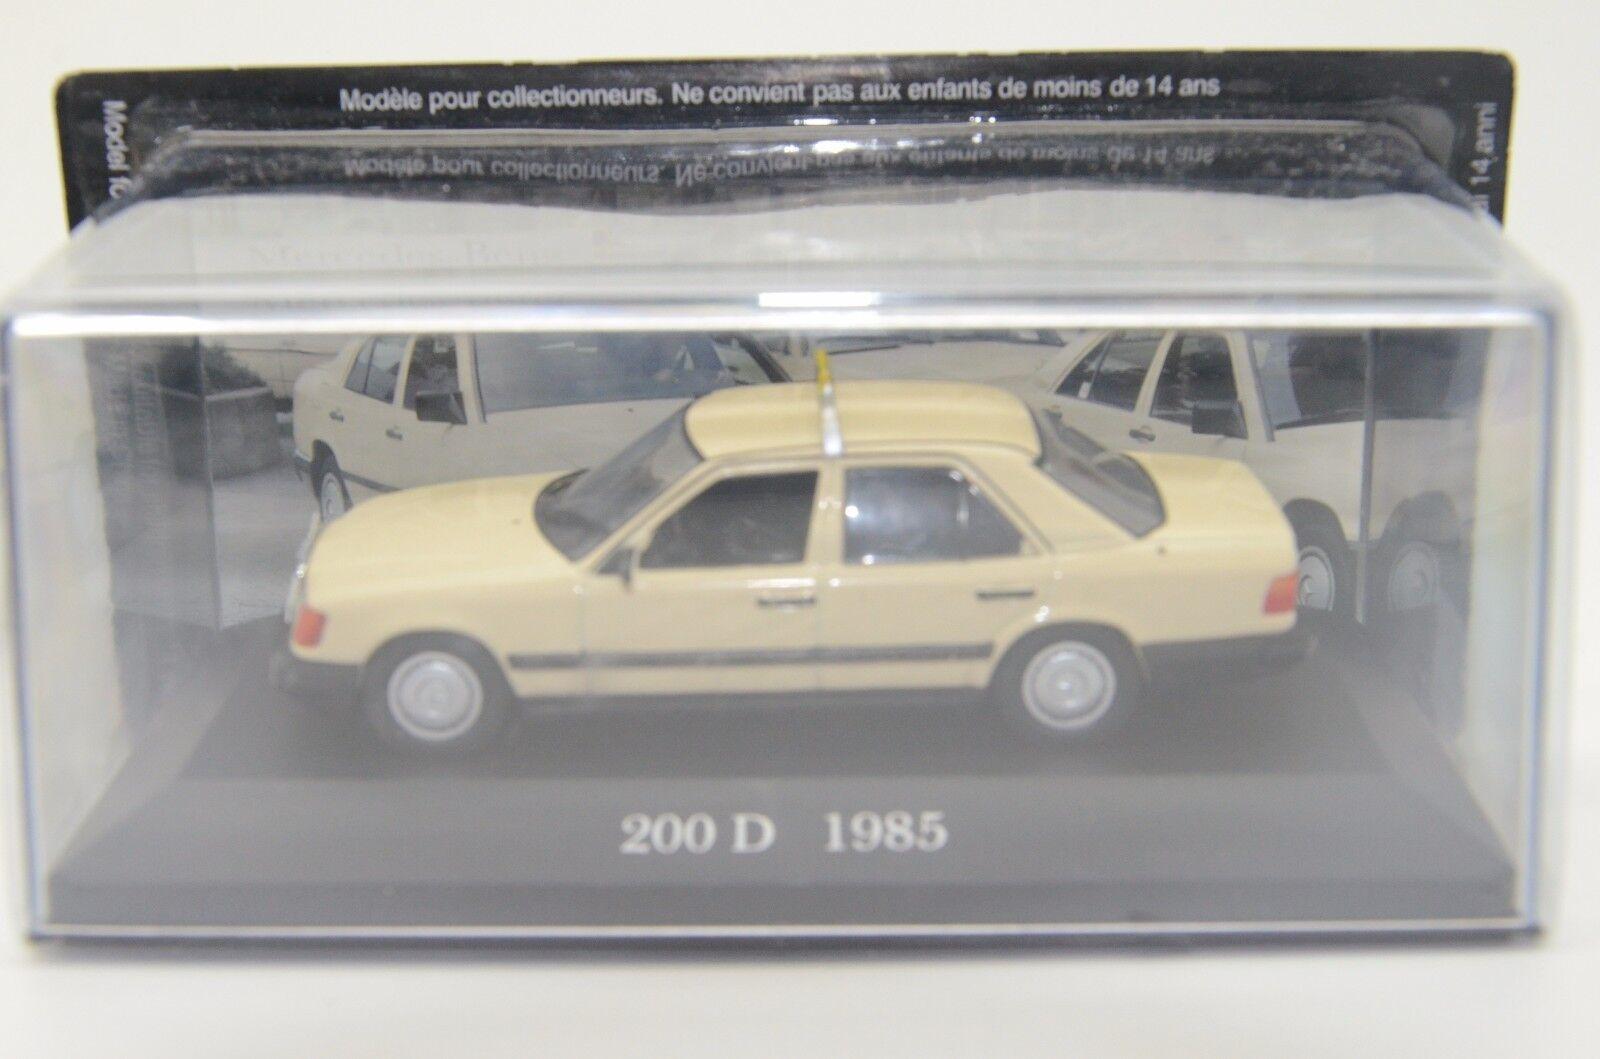 Mercedes Clase E 200D 1985 taxi Altaya Altaya Altaya 1 43 b938d7